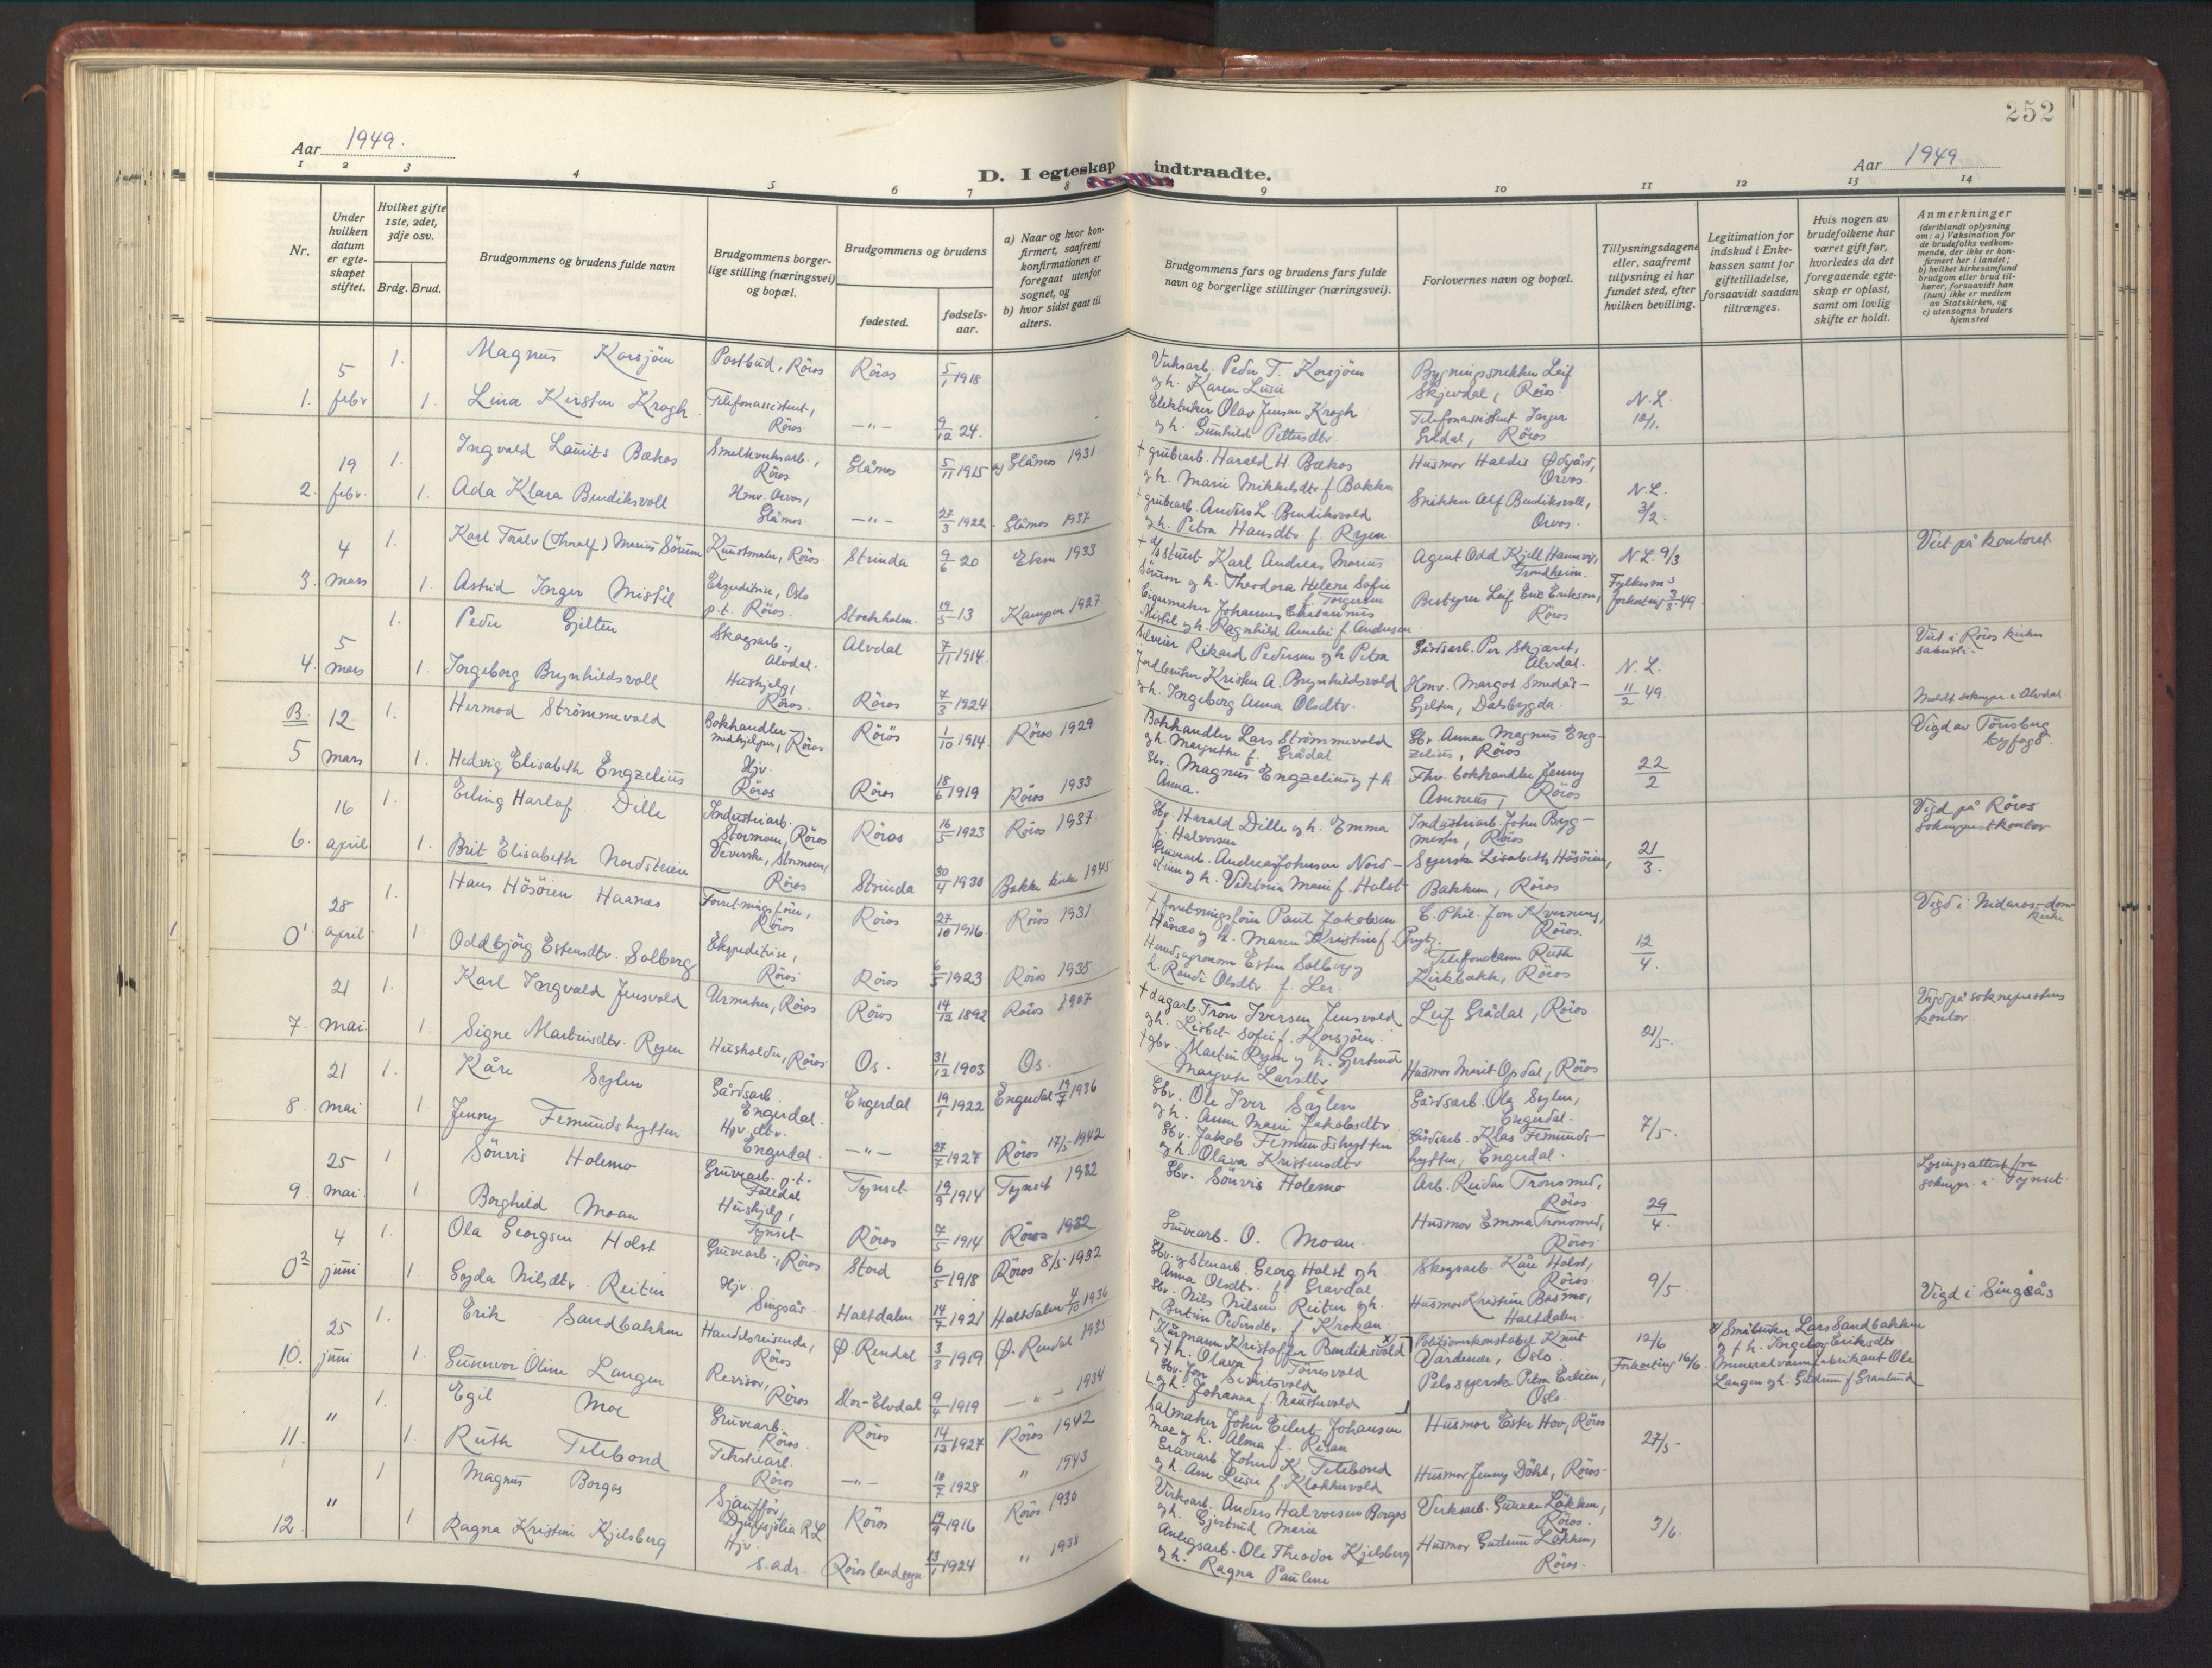 SAT, Ministerialprotokoller, klokkerbøker og fødselsregistre - Sør-Trøndelag, 681/L0943: Klokkerbok nr. 681C07, 1926-1954, s. 252